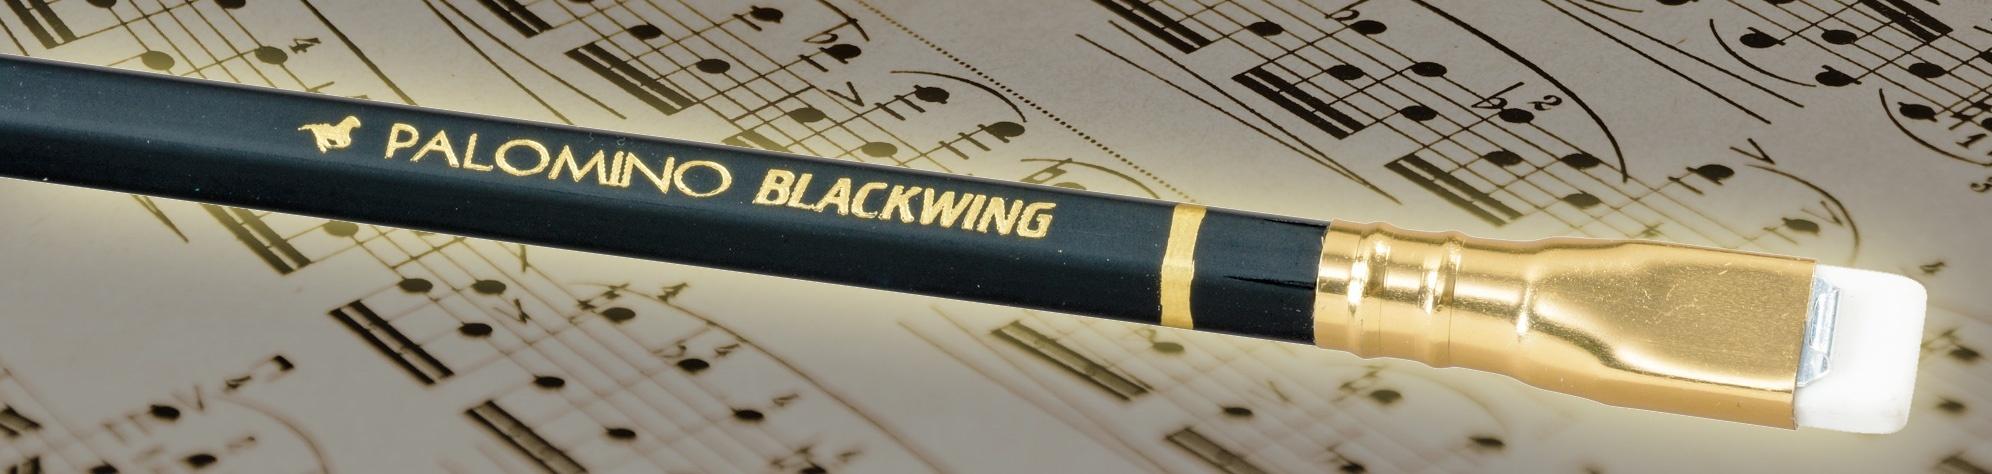 Blackwing_Pencil_Music.jpg